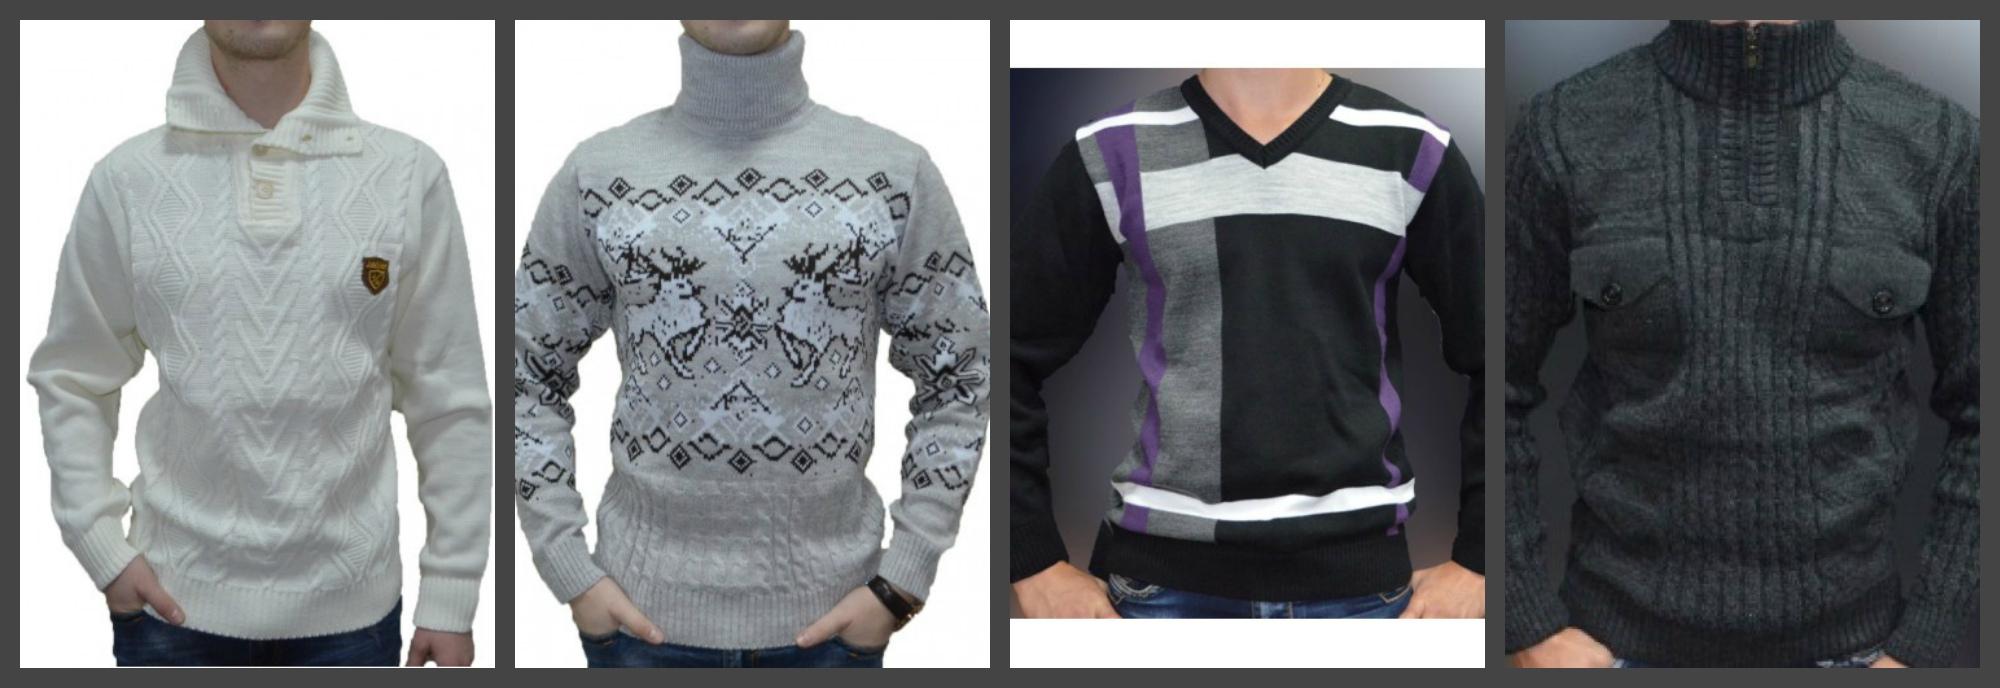 Сбор заказов. Мужские свитера ,джемпера ,жилеты ,шапки высокого качества напрямую от производителя .Размеры :44-62 . Цены от 470 руб. Без рядов! Выкуп 5.